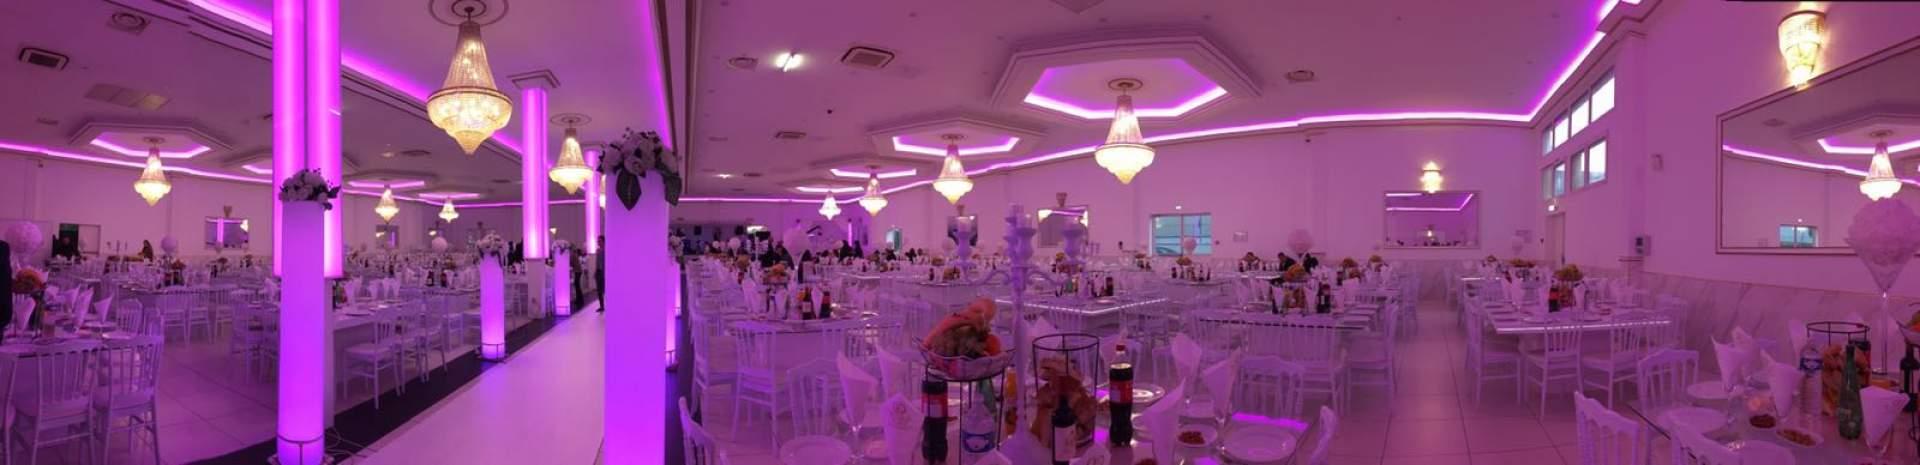 Etoile De Villiers Salle De Mariage Reception Fetes